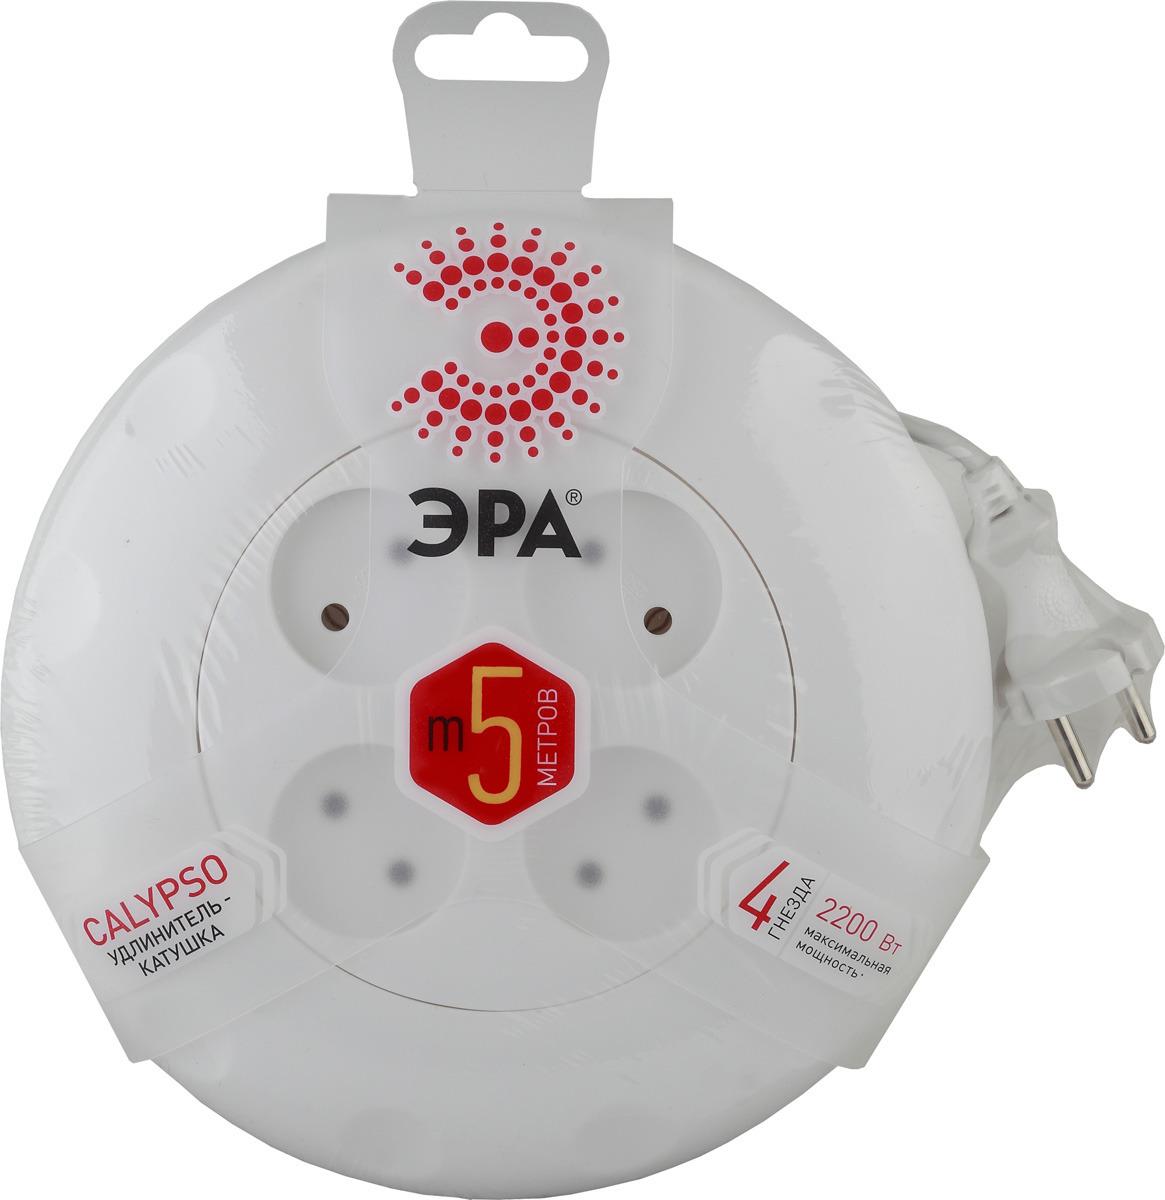 Удлинитель ЭРА без заземления, 4 розетки, U-1-3m, белый, 5 м удлинитель эра u 3 3m белый